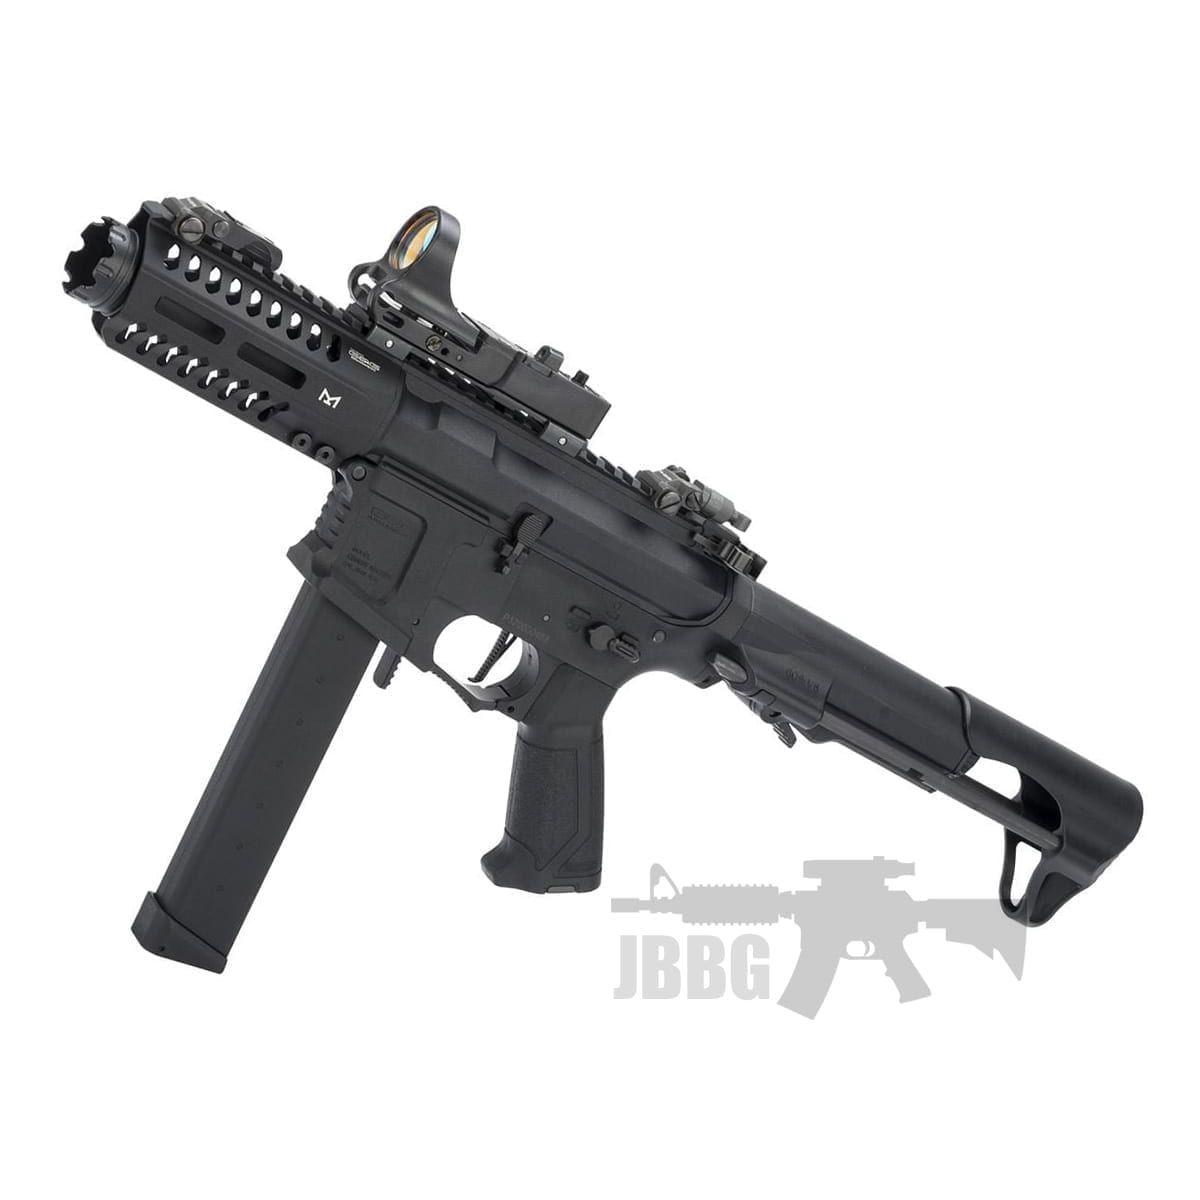 cm16 cqb airsoft gun